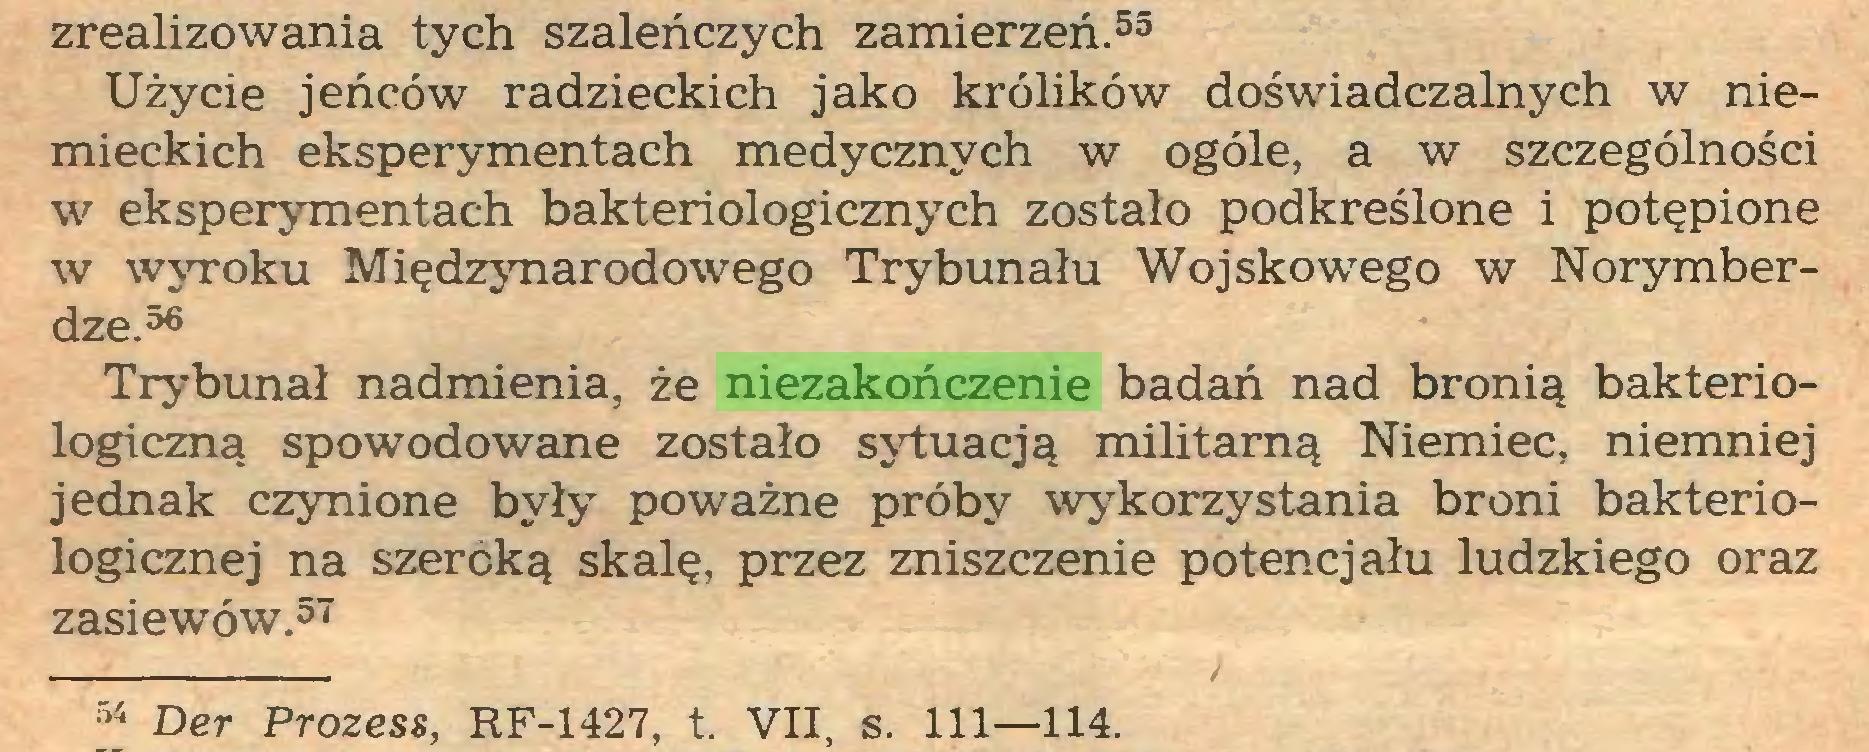 (...) zrealizowania tych szaleńczych zamierzeń.55 Użycie jeńców radzieckich jako królików doświadczalnych w niemieckich eksperymentach medycznych w ogóle, a w szczególności w eksperymentach bakteriologicznych zostało podkreślone i potępione w wyroku Międzynarodowego Trybunału Wojskowego w Norymberdze.56 Trybunał nadmienia, że niezakończenie badań nad bronią bakteriologiczną spowodowane zostało sytuacją militarną Niemiec, niemniej jednak czynione były poważne próby wykorzystania broni bakteriologicznej na szeroką skalę, przez zniszczenie potencjału ludzkiego oraz zasiewów.57 54 Der Prozess, RF-1427, t. VII, s. 111—114...